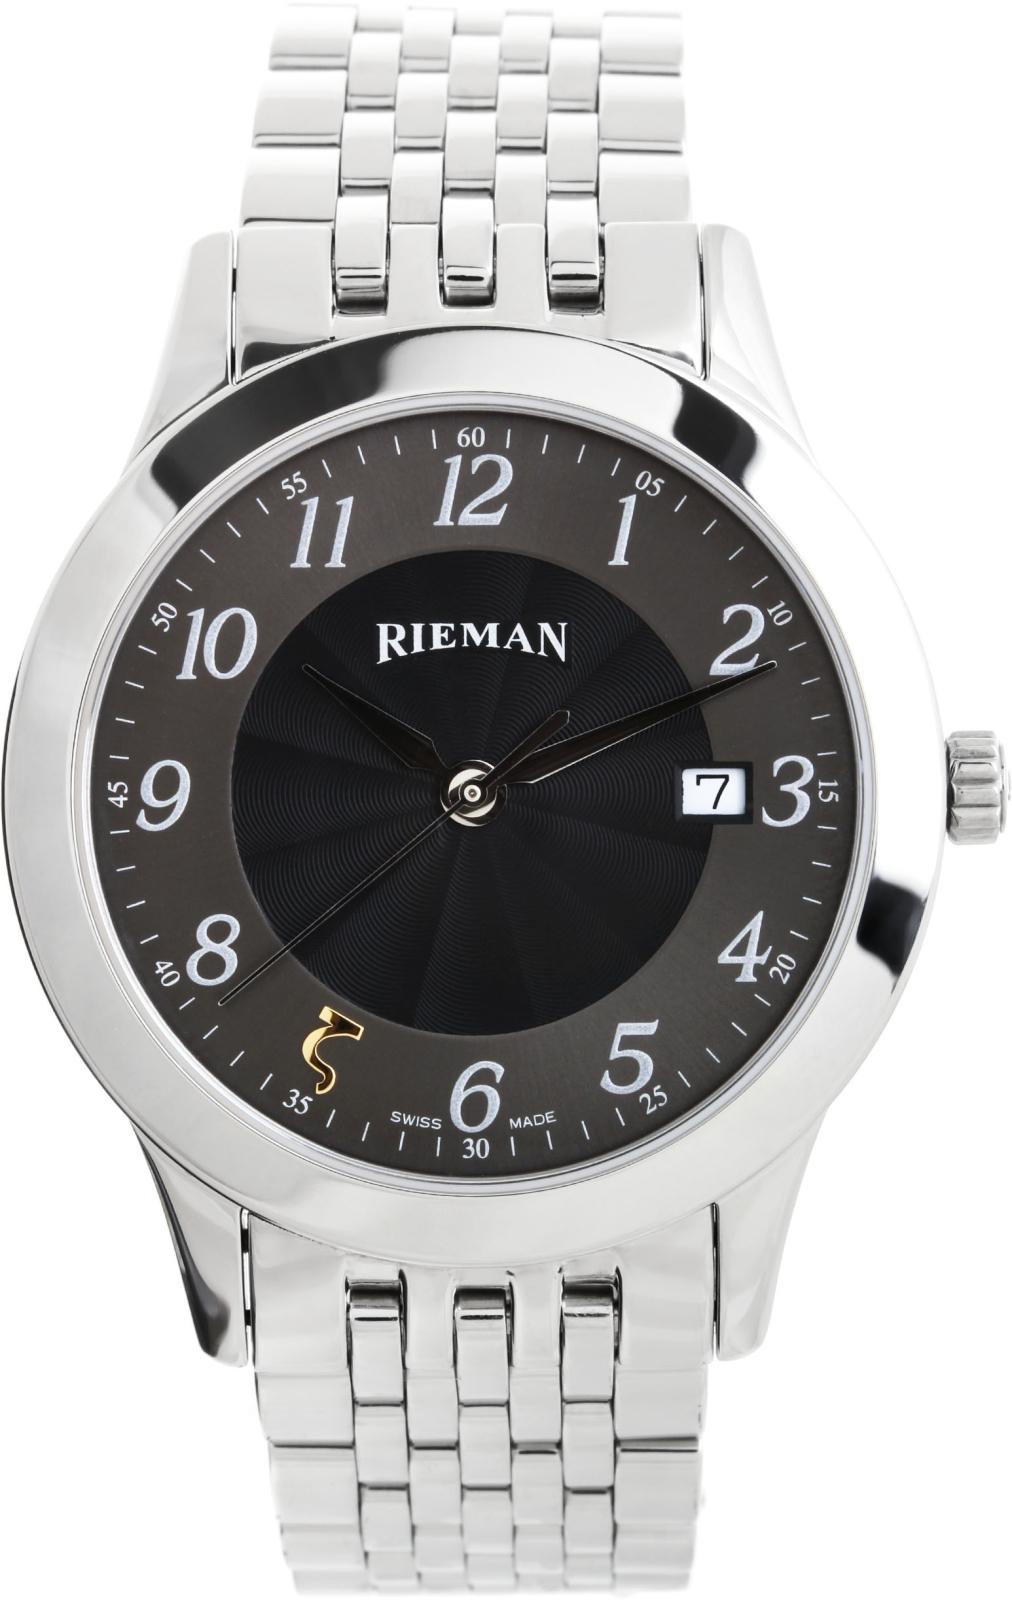 Rieman Radical R1040.132.012Наручные часы<br>Швейцарские часы Rieman Radical R1040.132.012Часы принадежат коллекции Radical. Это настоящие мужские часы. Материал корпуса часов — сталь. В этих часах используется сапфировое стекло. Часы этой модели обладают водозащитой 30 м. Цвет циферблата - черный. Из основных функций на циферблате представлены: часы, минуты, секунды. В этих часах используются такие усложнения как дата, . Диаметр корпуса данной модели 40мм.<br><br>Пол: Мужские<br>Страна-производитель: Швейцария<br>Механизм: Кварцевый<br>Материал корпуса: Сталь<br>Материал ремня/браслета: Сталь<br>Водозащита, диапазон: 20 - 100 м<br>Стекло: Сапфировое<br>Толщина корпуса: None<br>Стиль: Классика